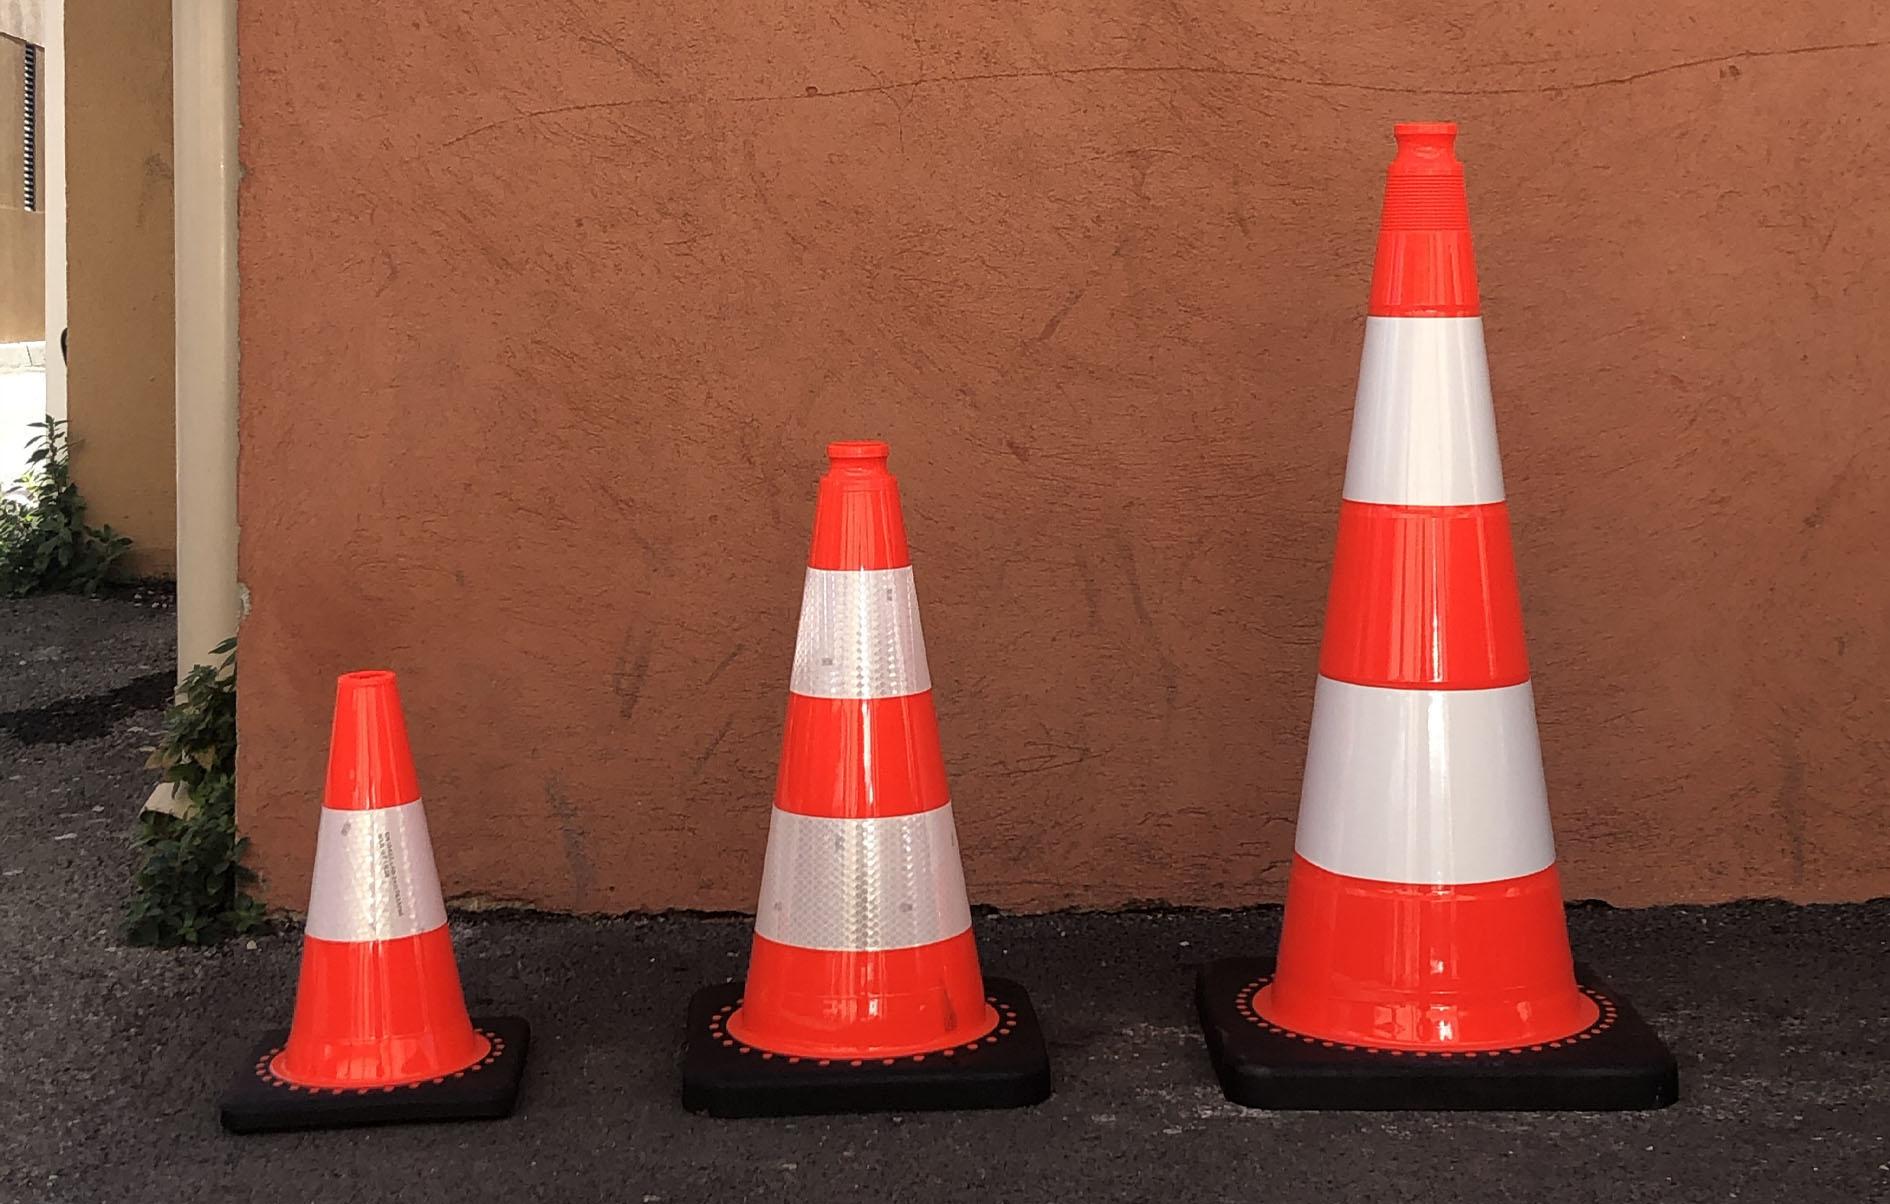 Les différentes normes qui encadrent les cône de signalisation